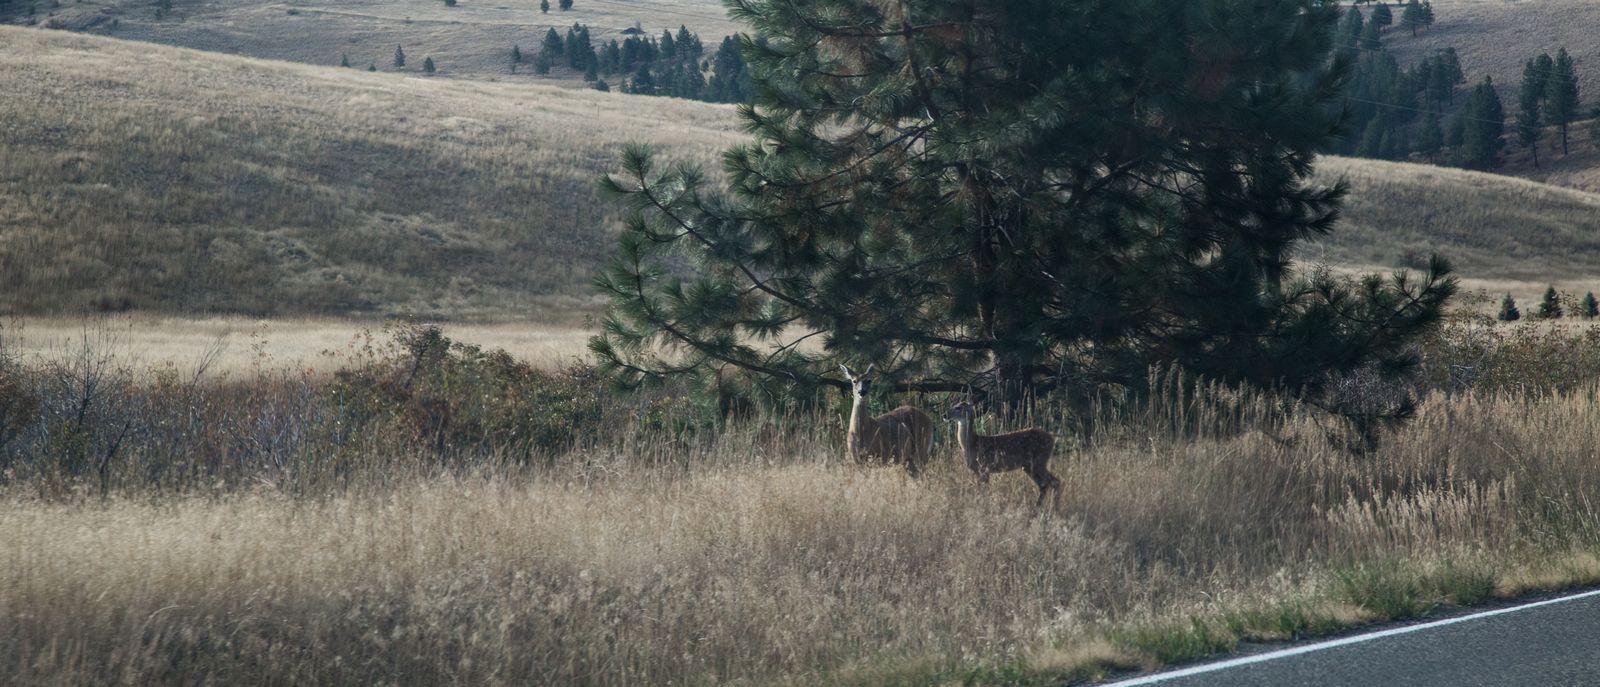 Unos ciervos que decidieron obligarnos a aminorar